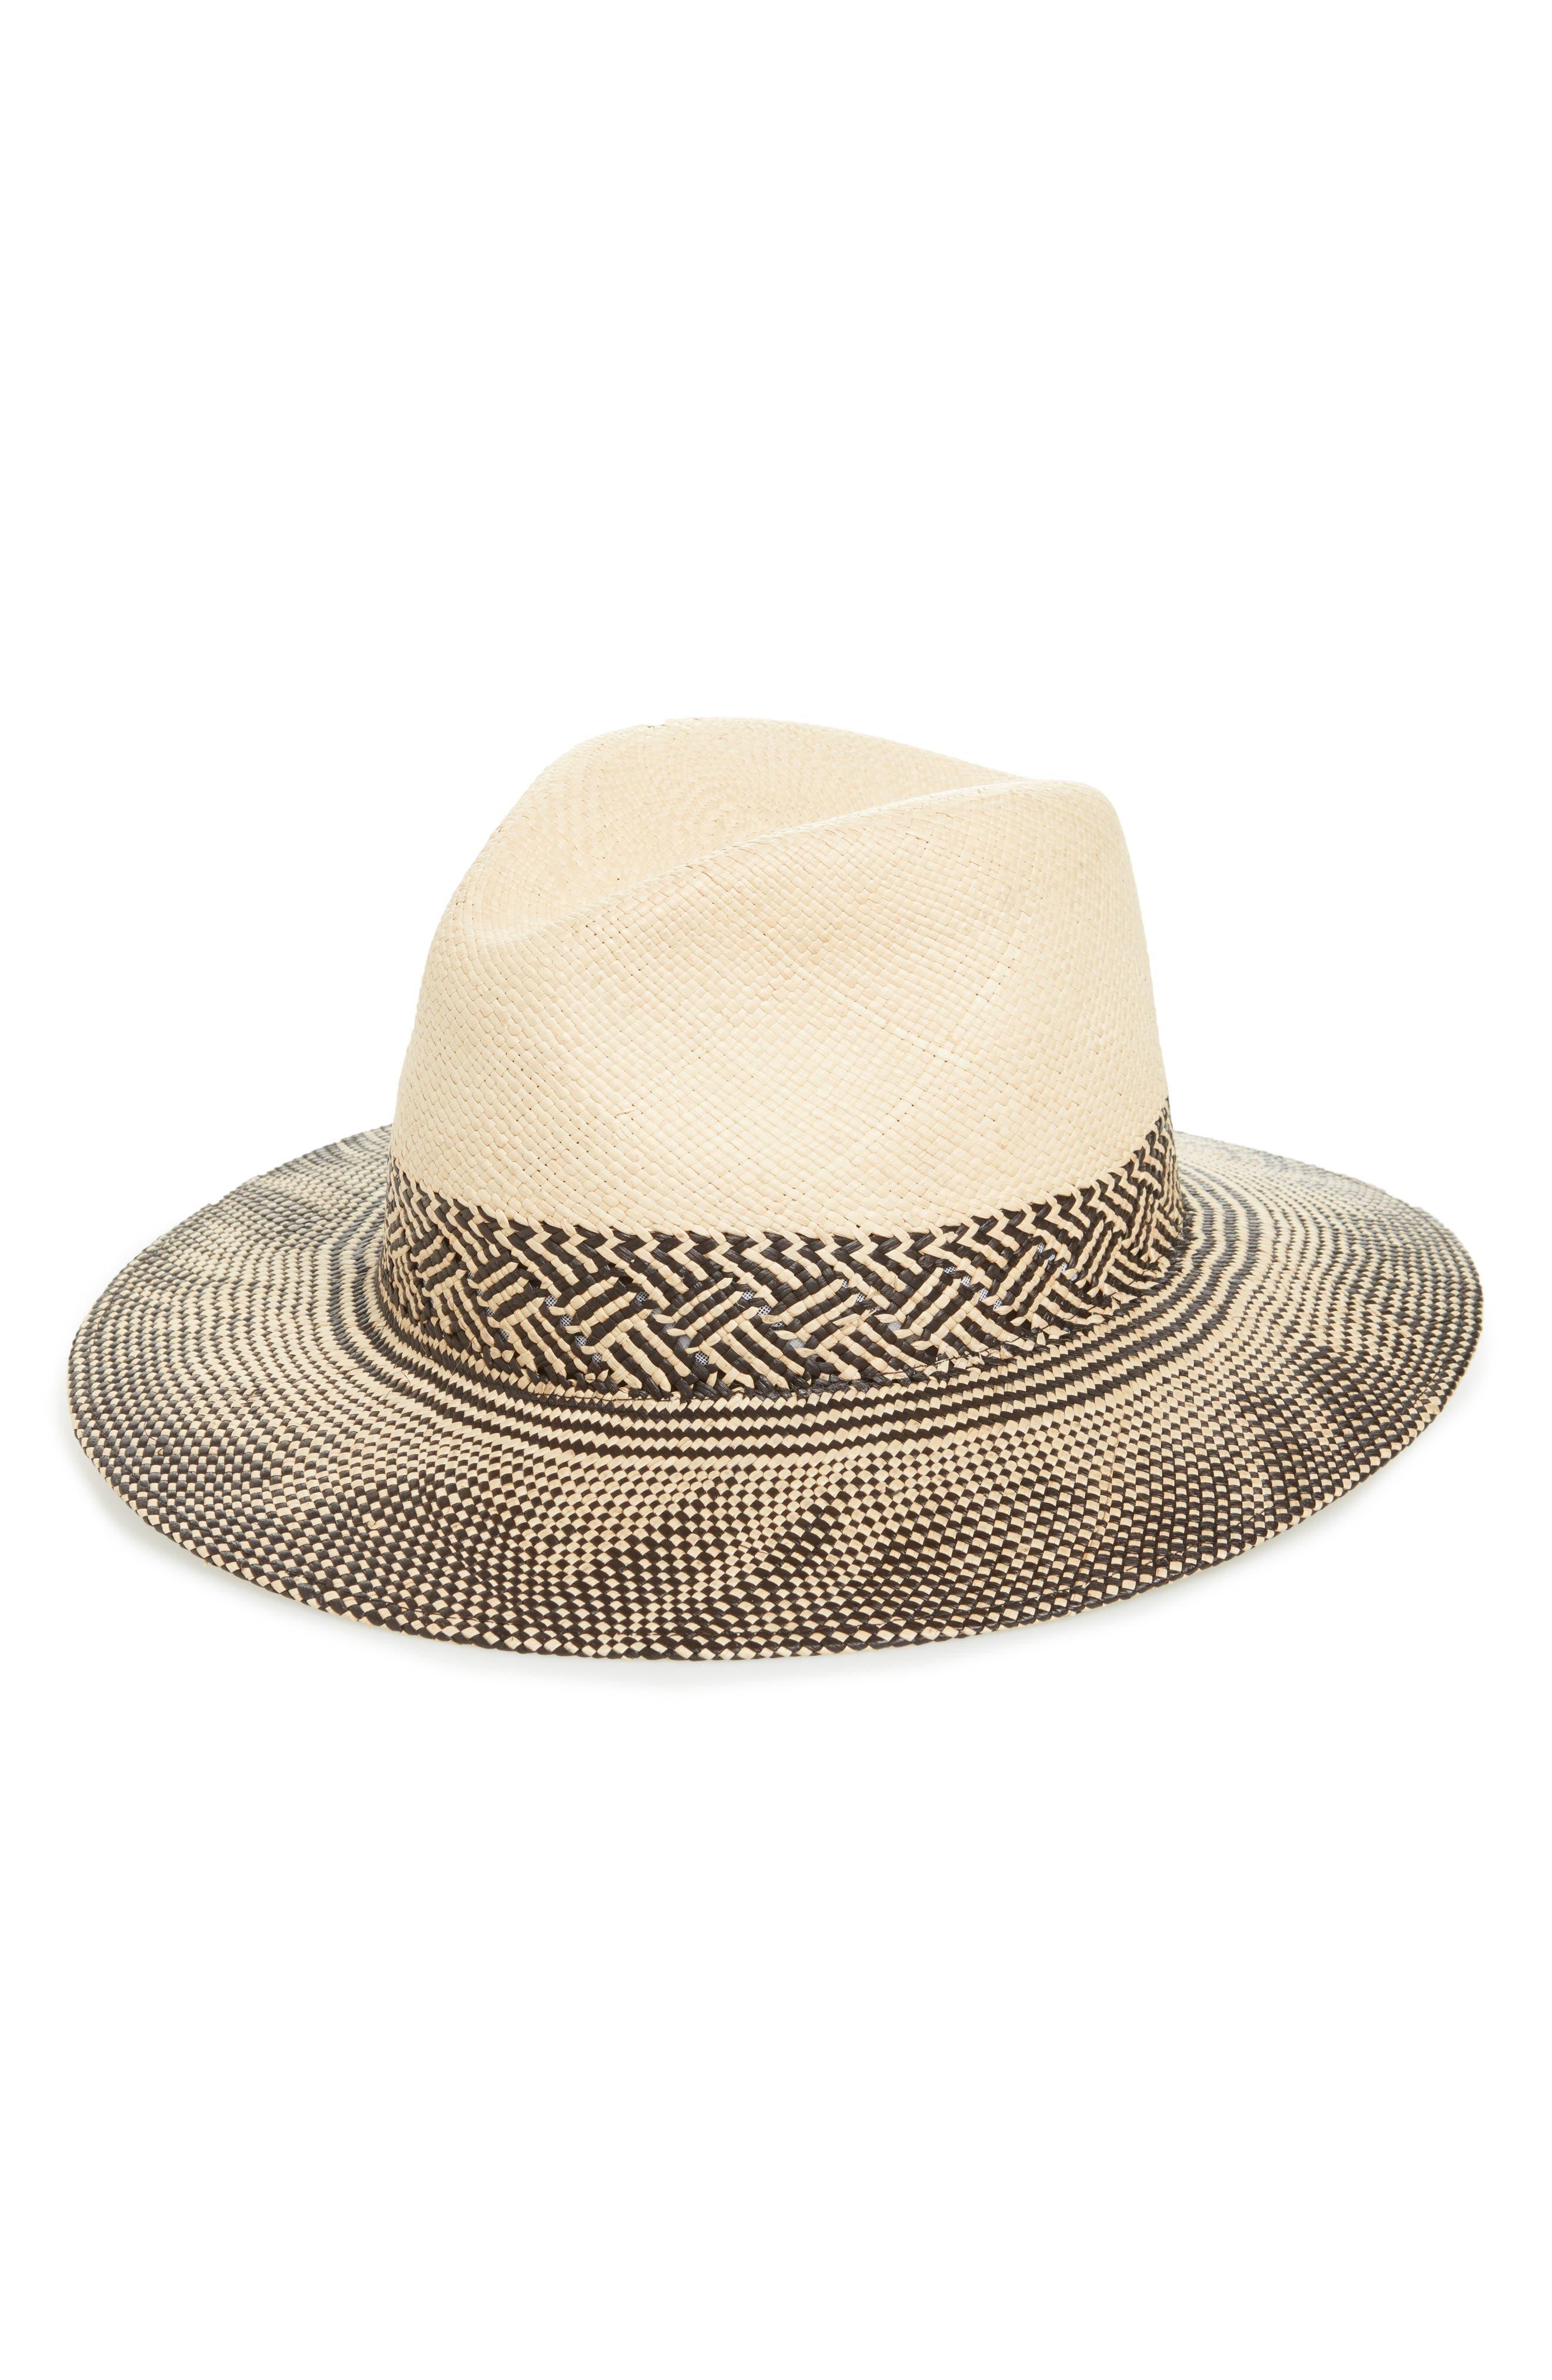 Straw Panama Hat,                         Main,                         color, Natural Multi